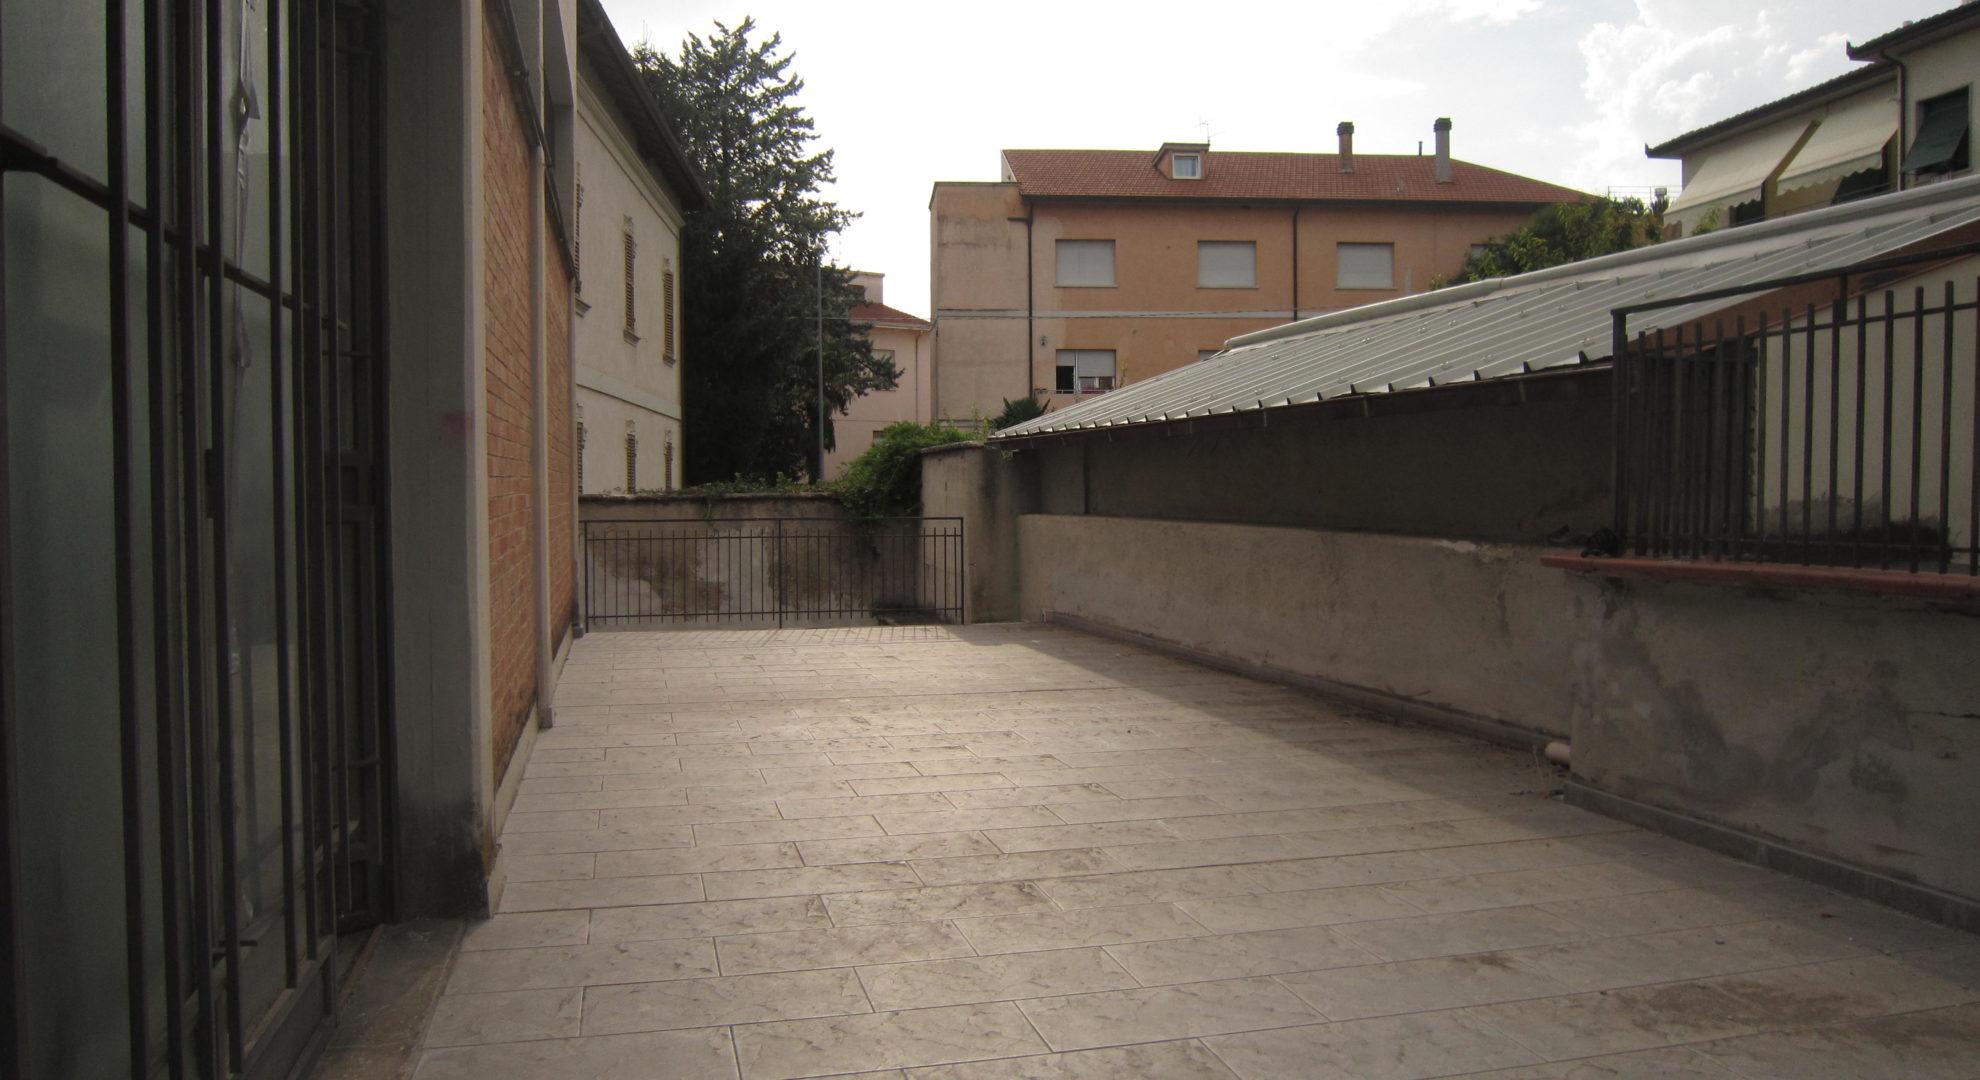 locale commerciale fronte strada Viale Roma